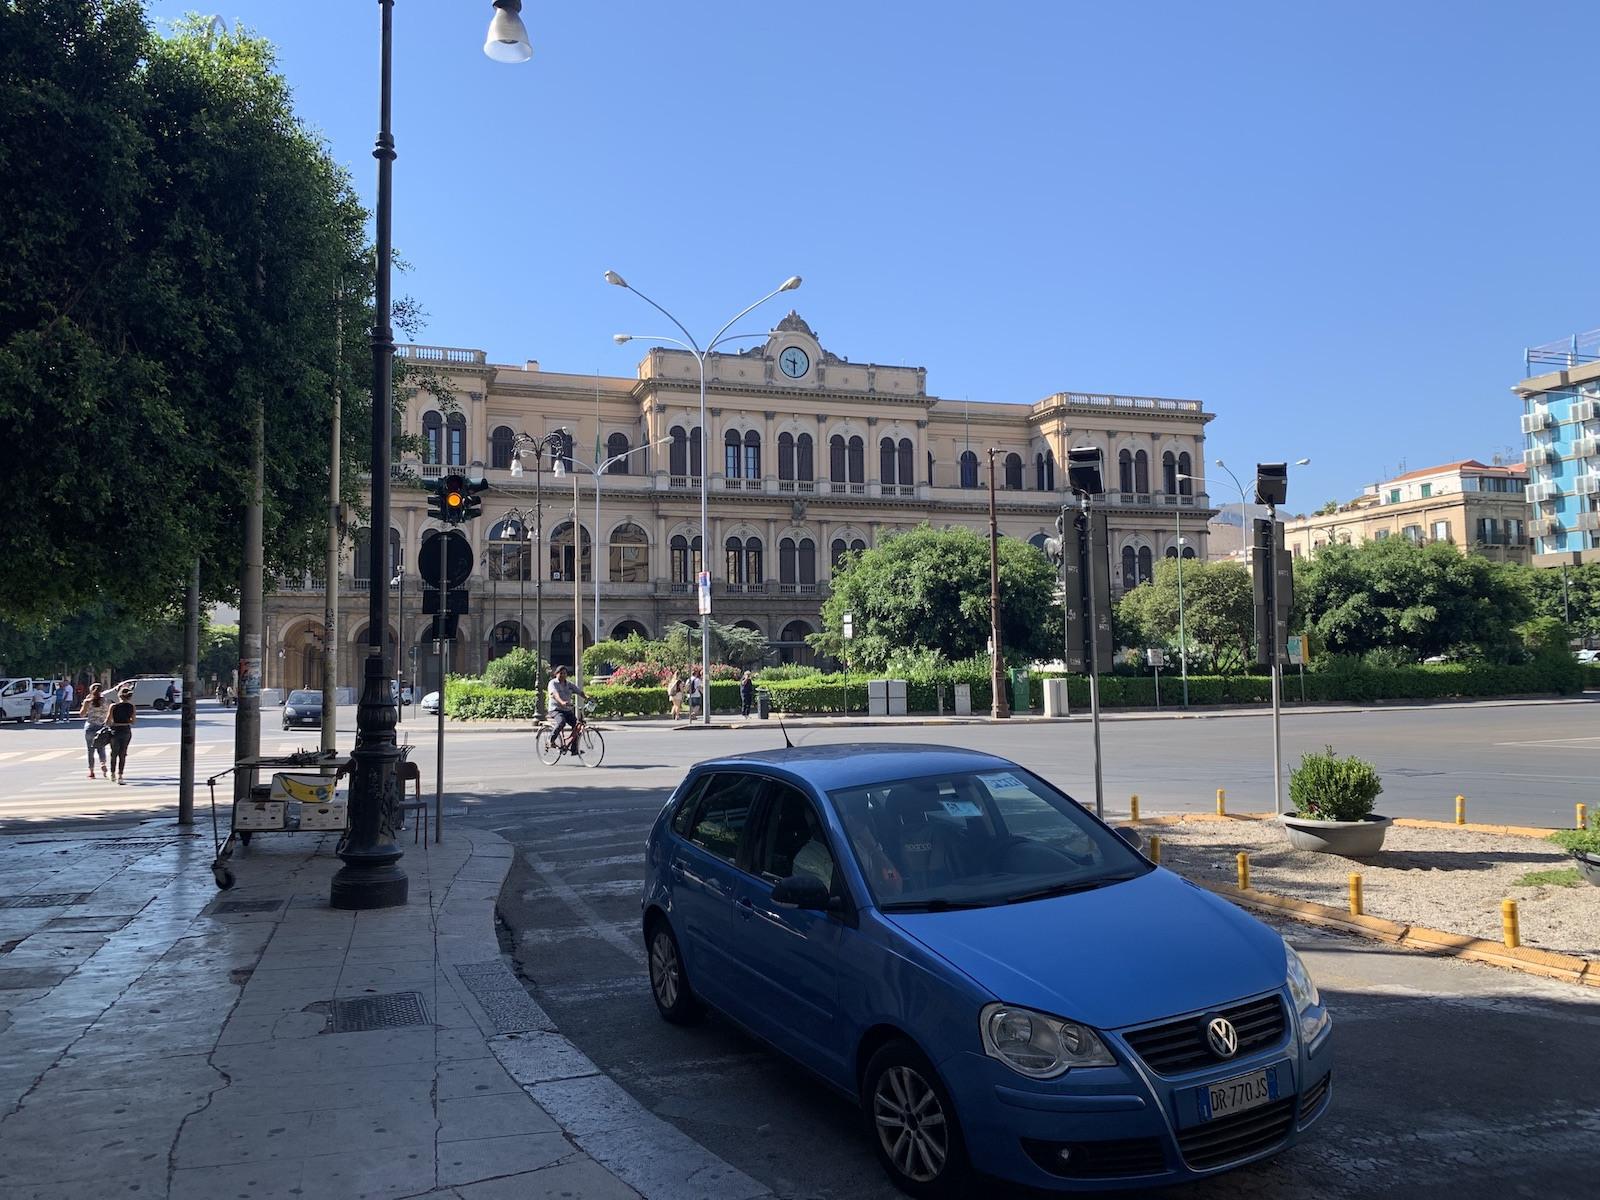 Palermo Centrale